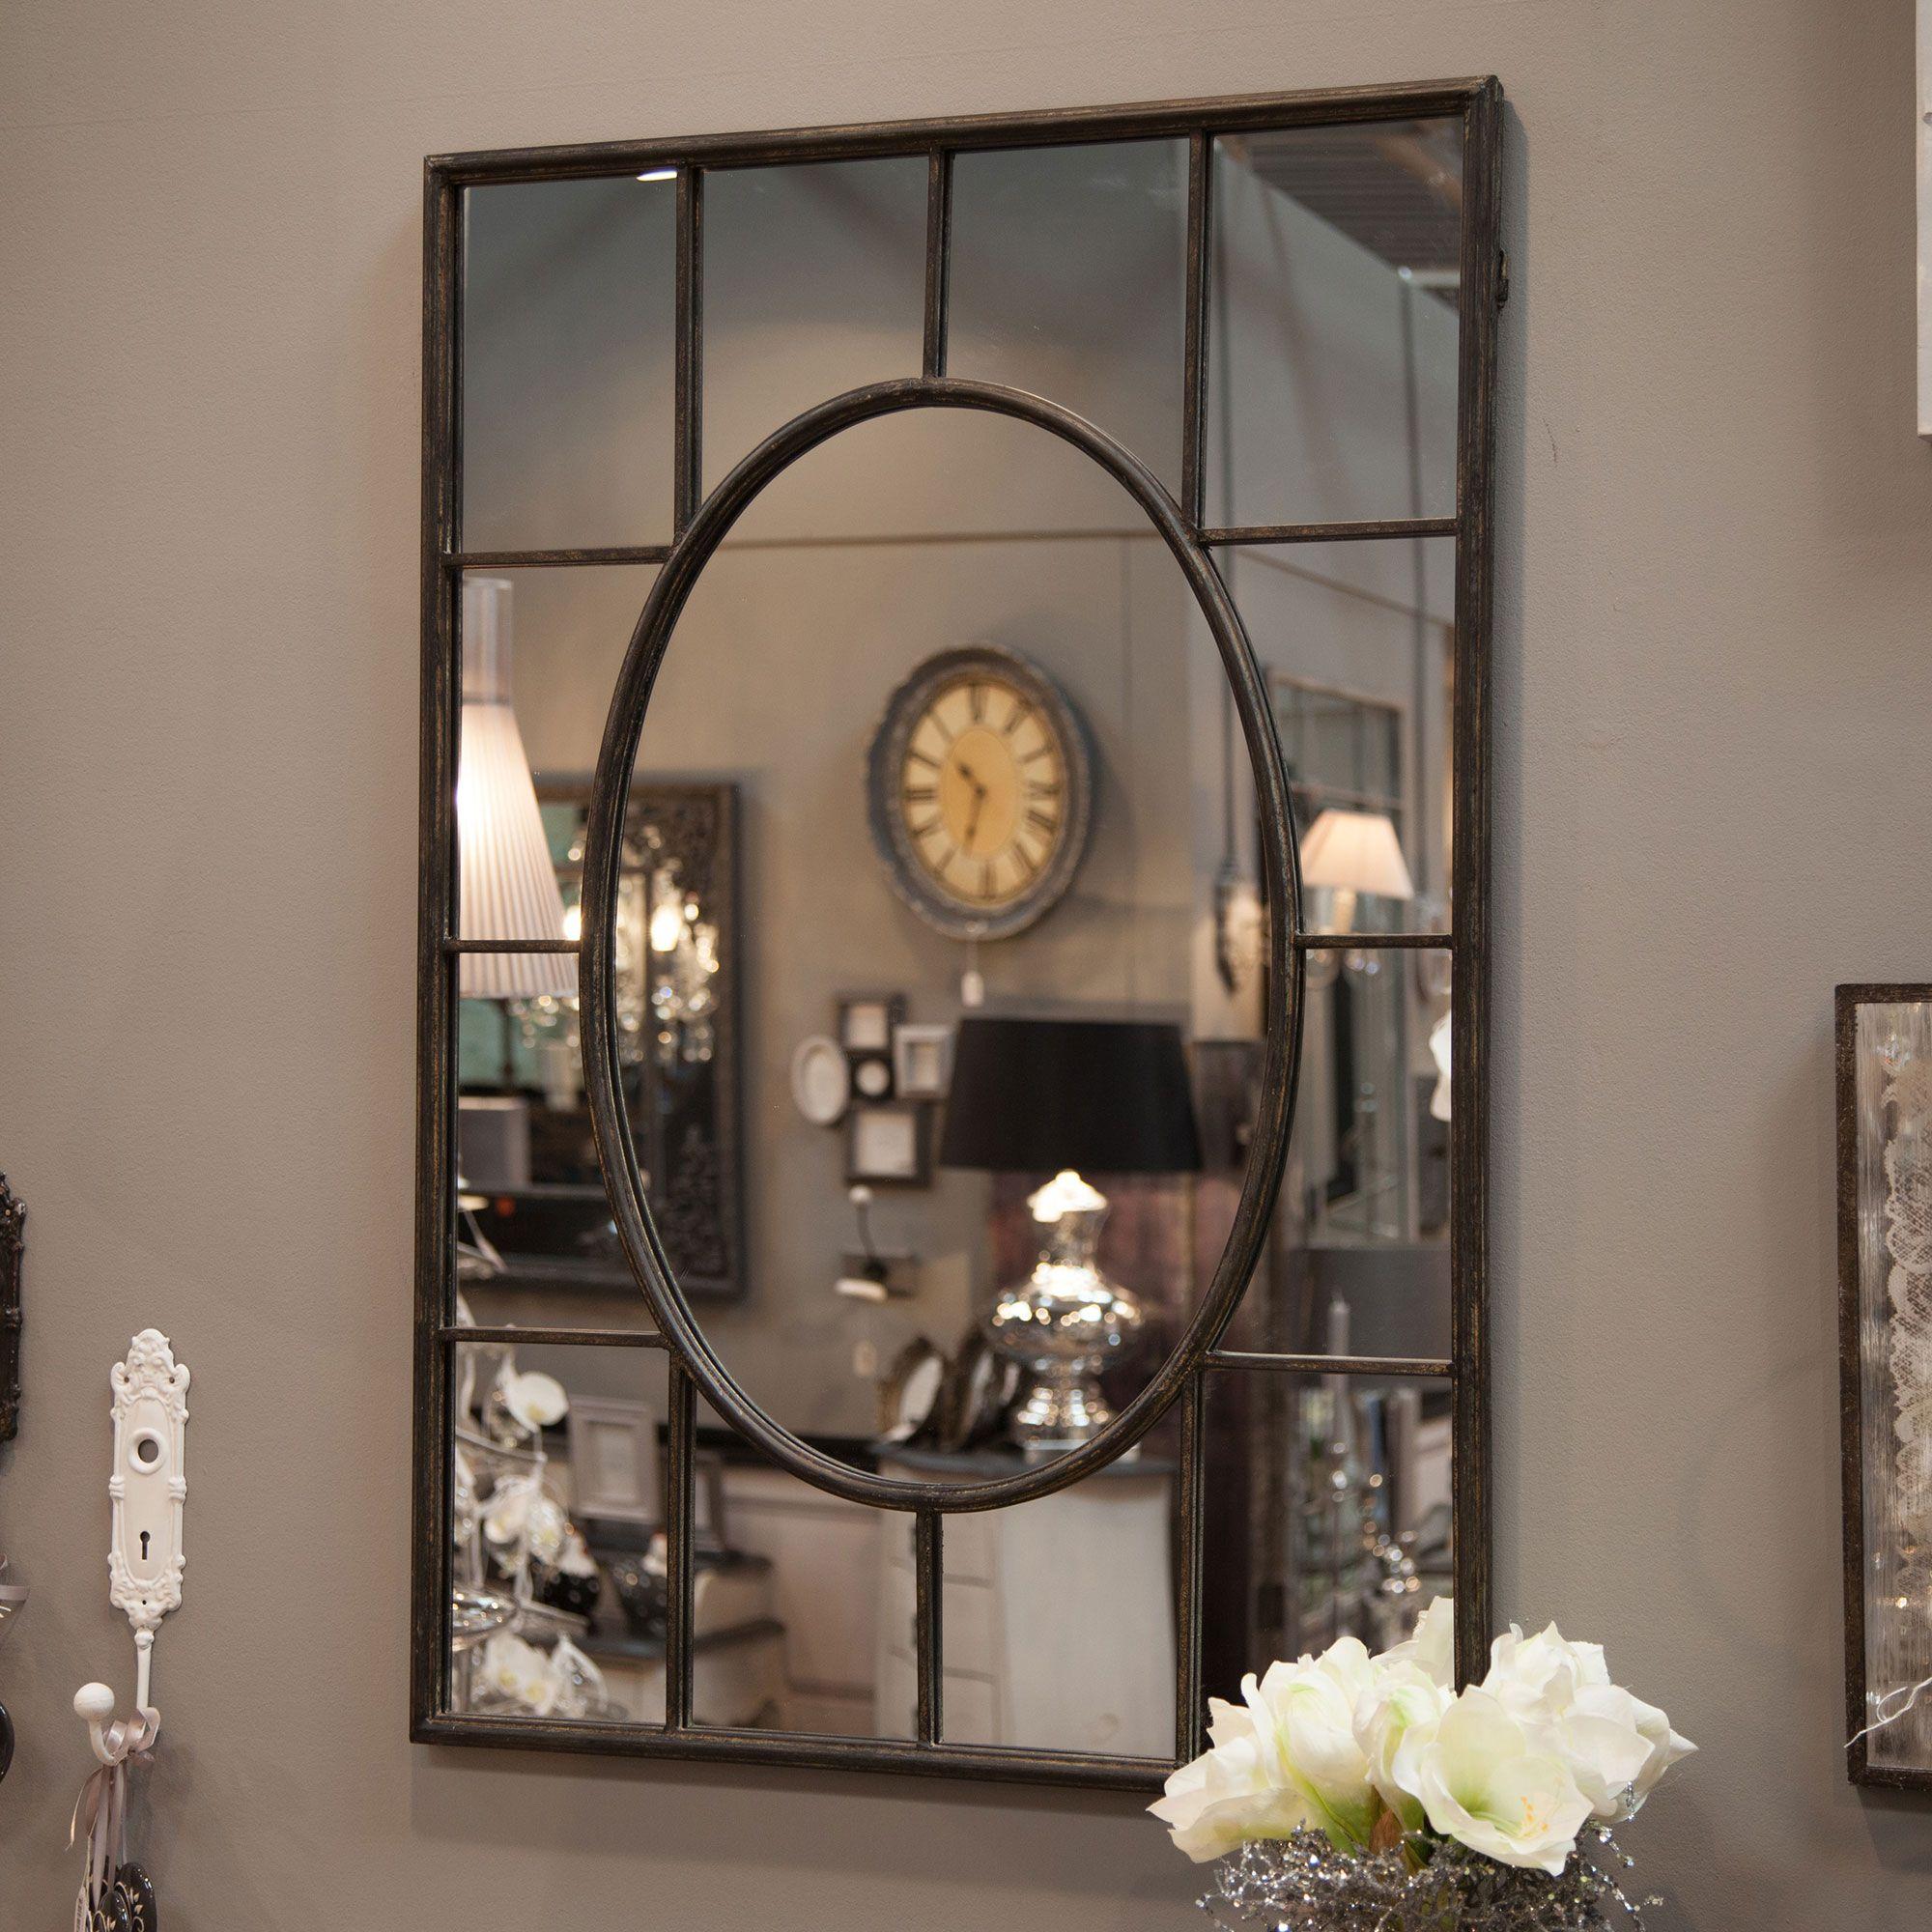 47+ Hauteur miroir salle a manger ideas in 2021